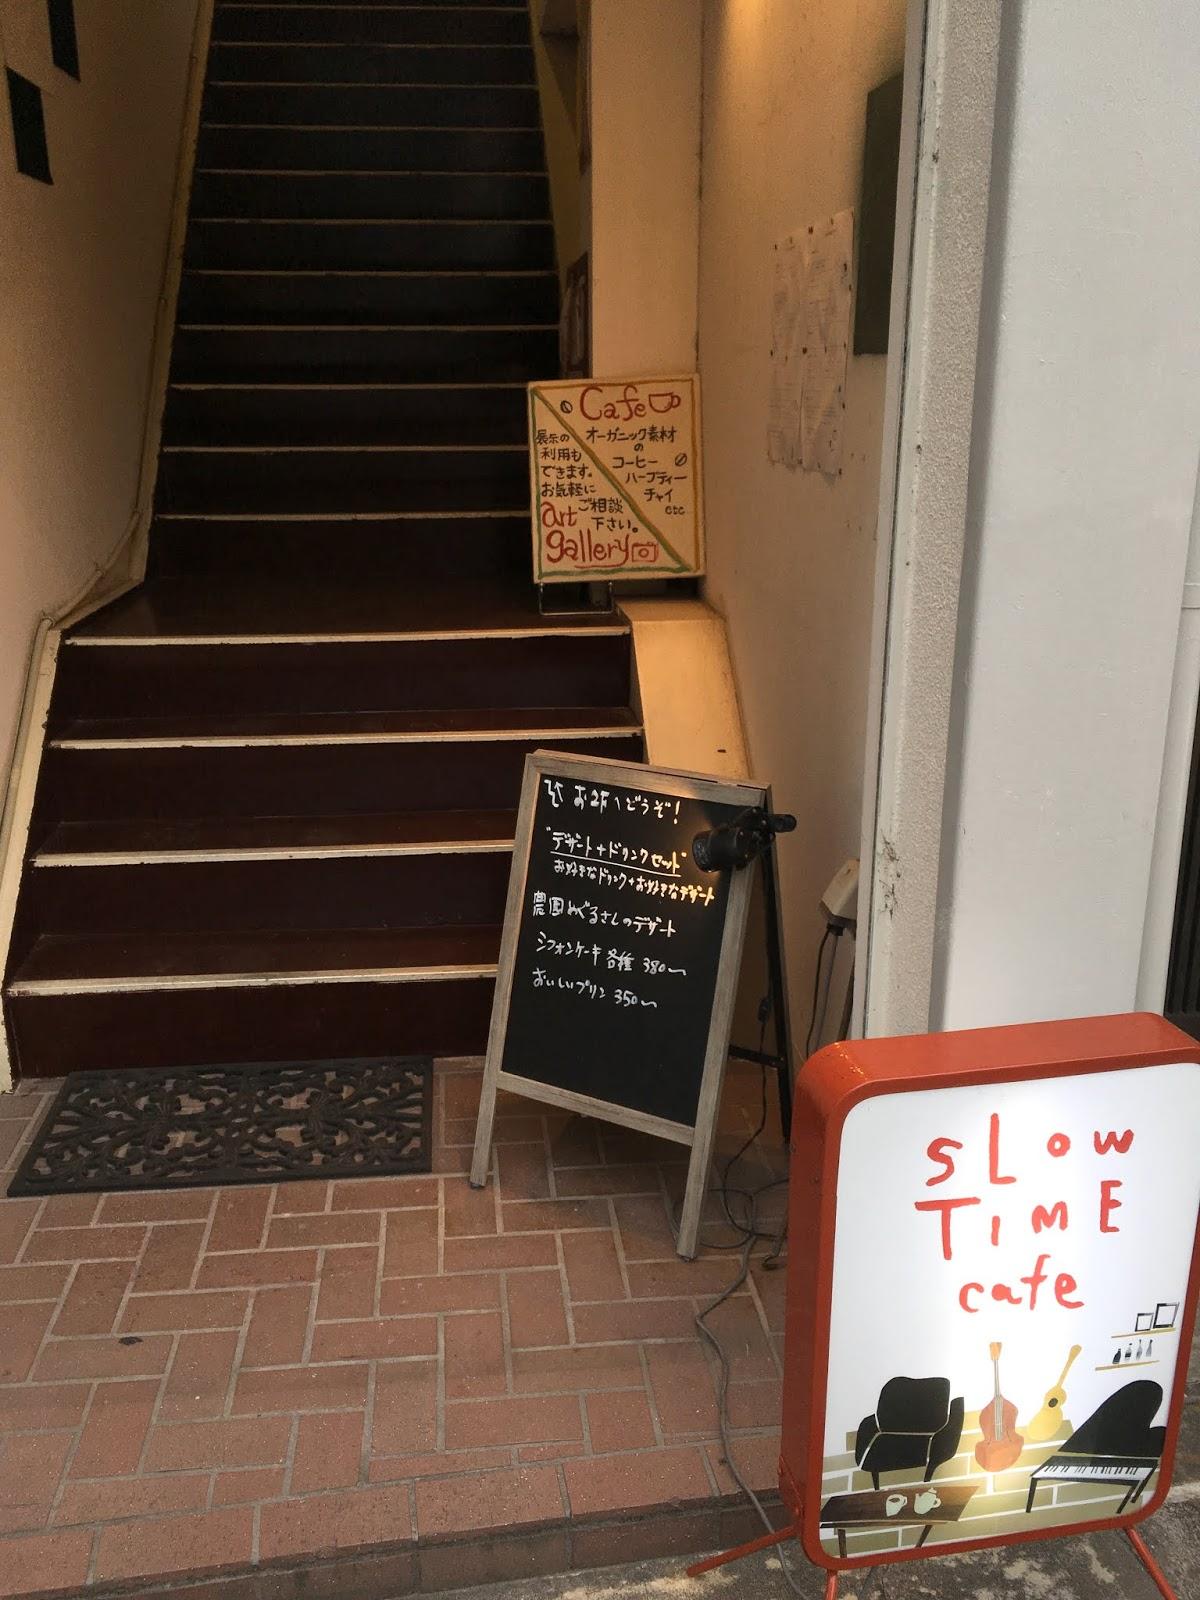 群馬県高崎市にあるギャラリーやライブスペースも催される隠れ家カフェ『SLOW TIME cafe』の外観